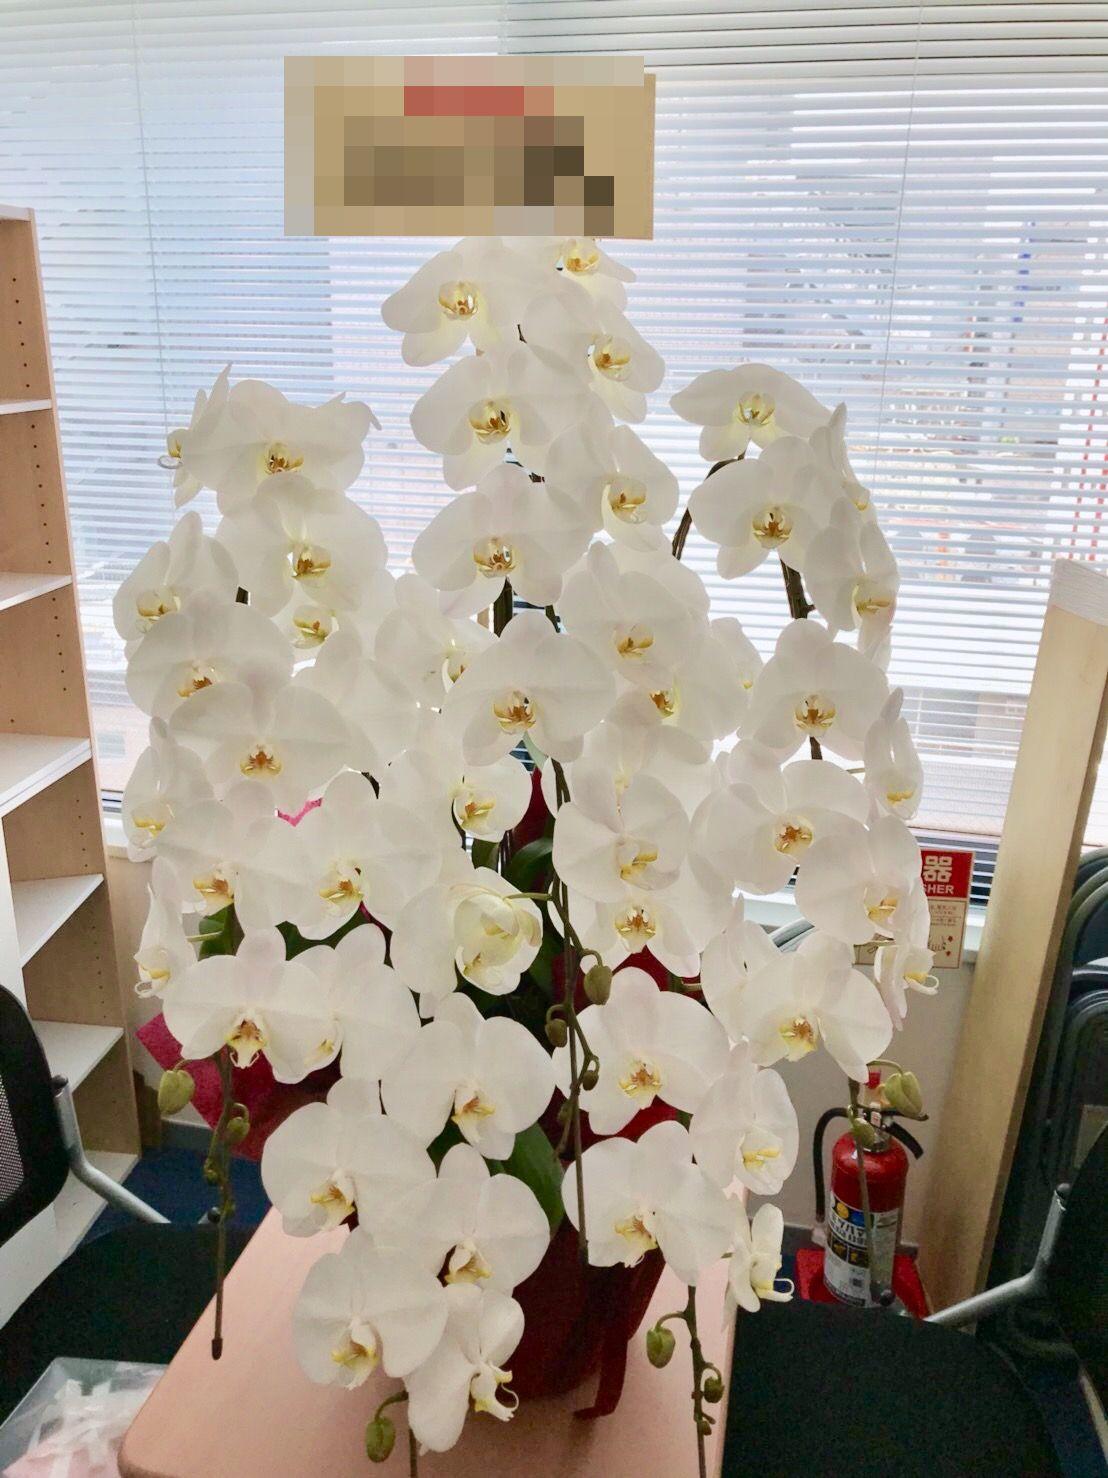 【ナオ花屋の納品事例77】川崎市の法人企業様へ胡蝶蘭を配達しました!